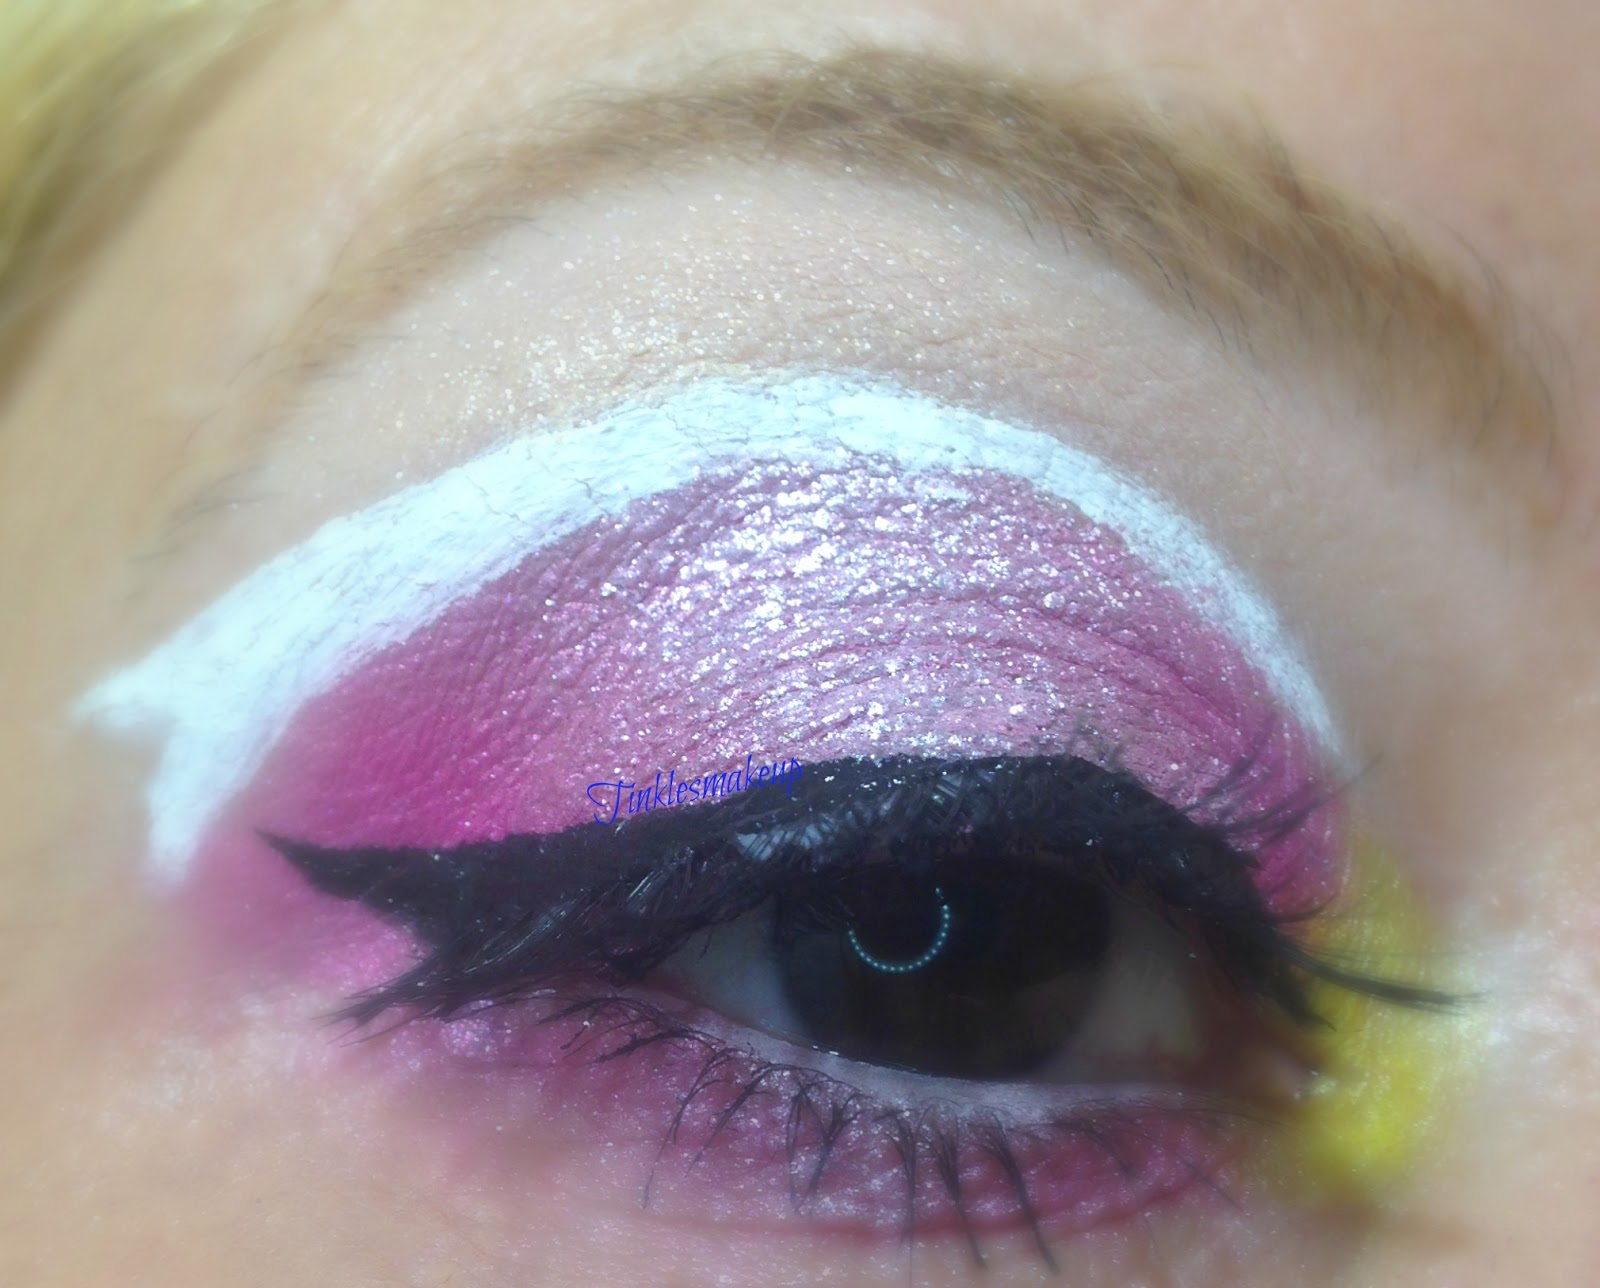 tinklesmakeup eye makeup look disney princess aurora